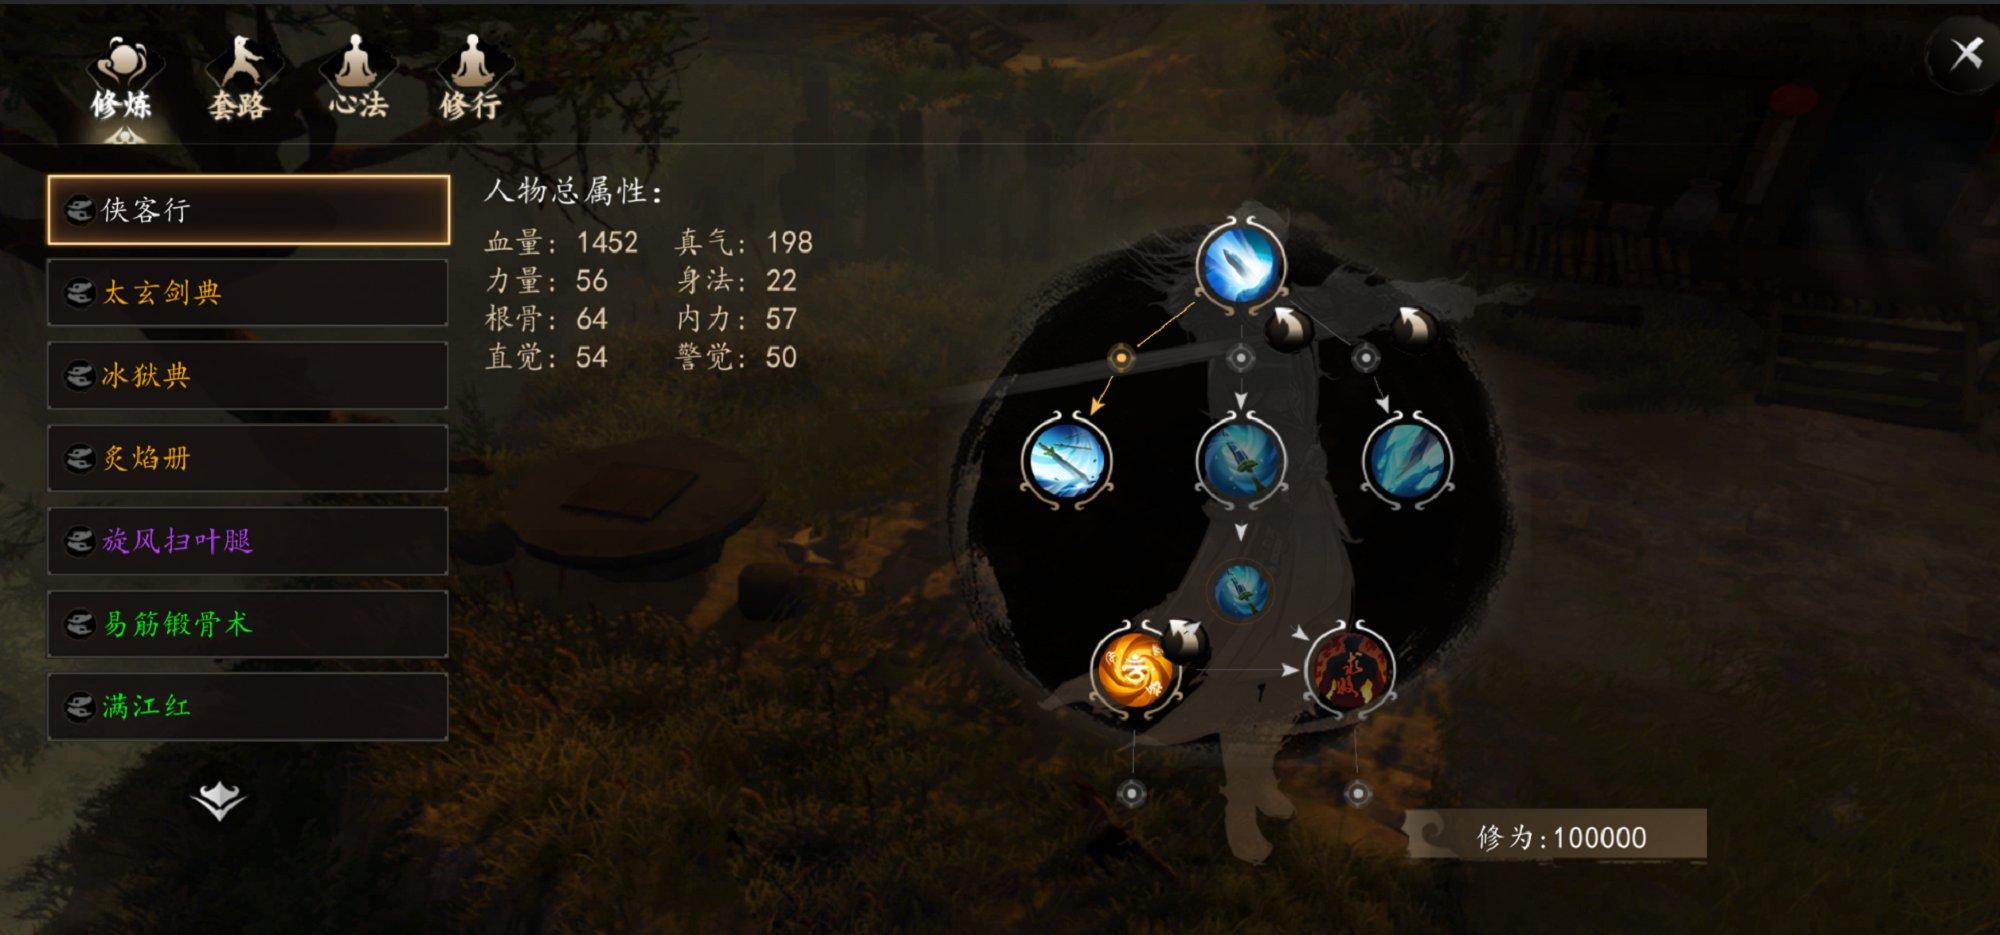 下一站江湖 v1.0截图